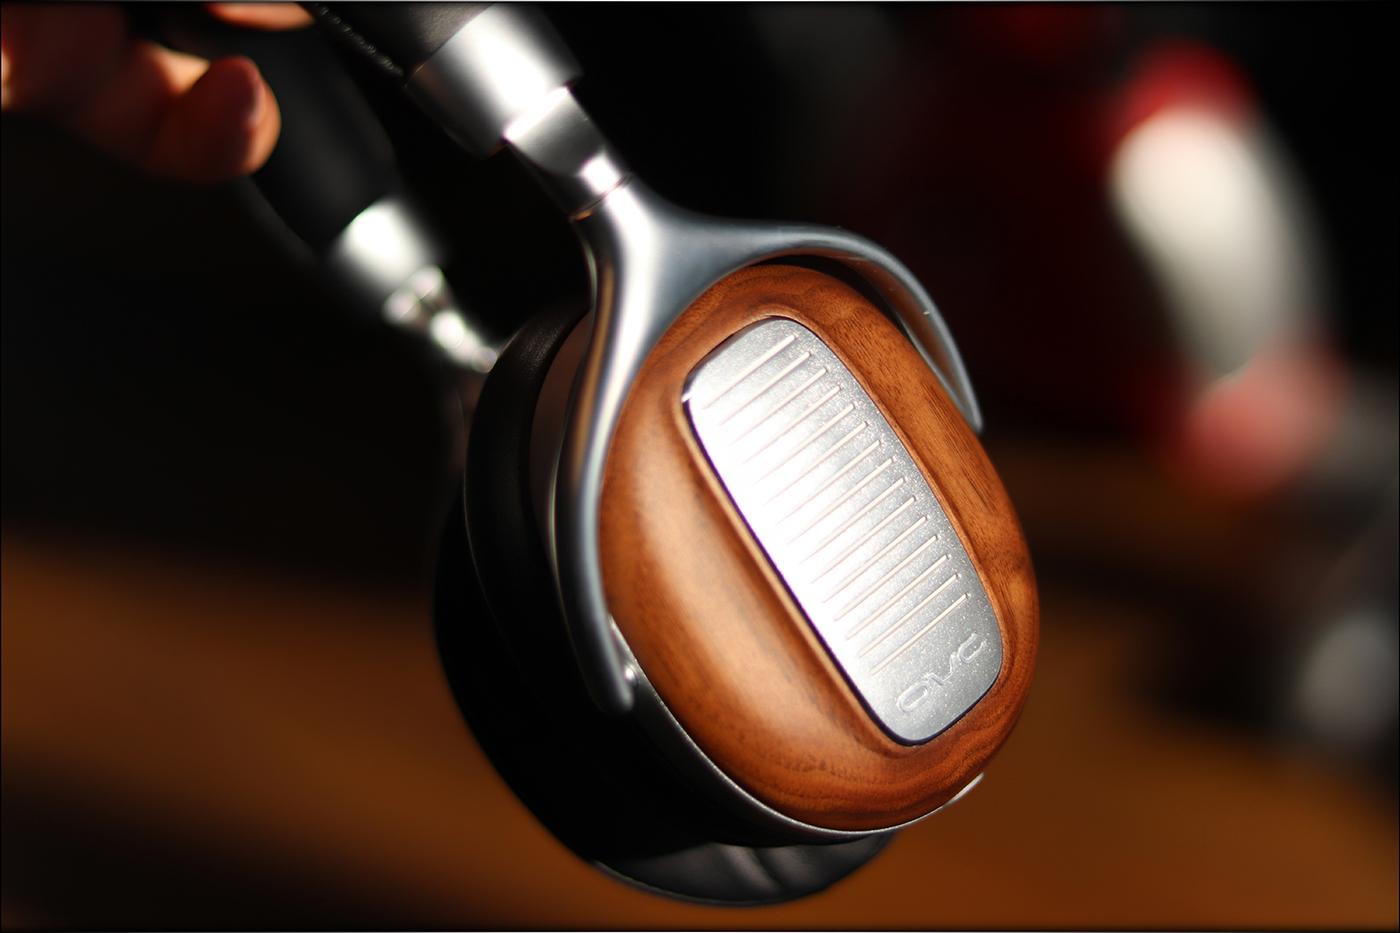 OVC-Tube-Headphones-Lamp-NuTubes-DSP-Self-Powered-Review-Audiophile-Heaven-24.jpg